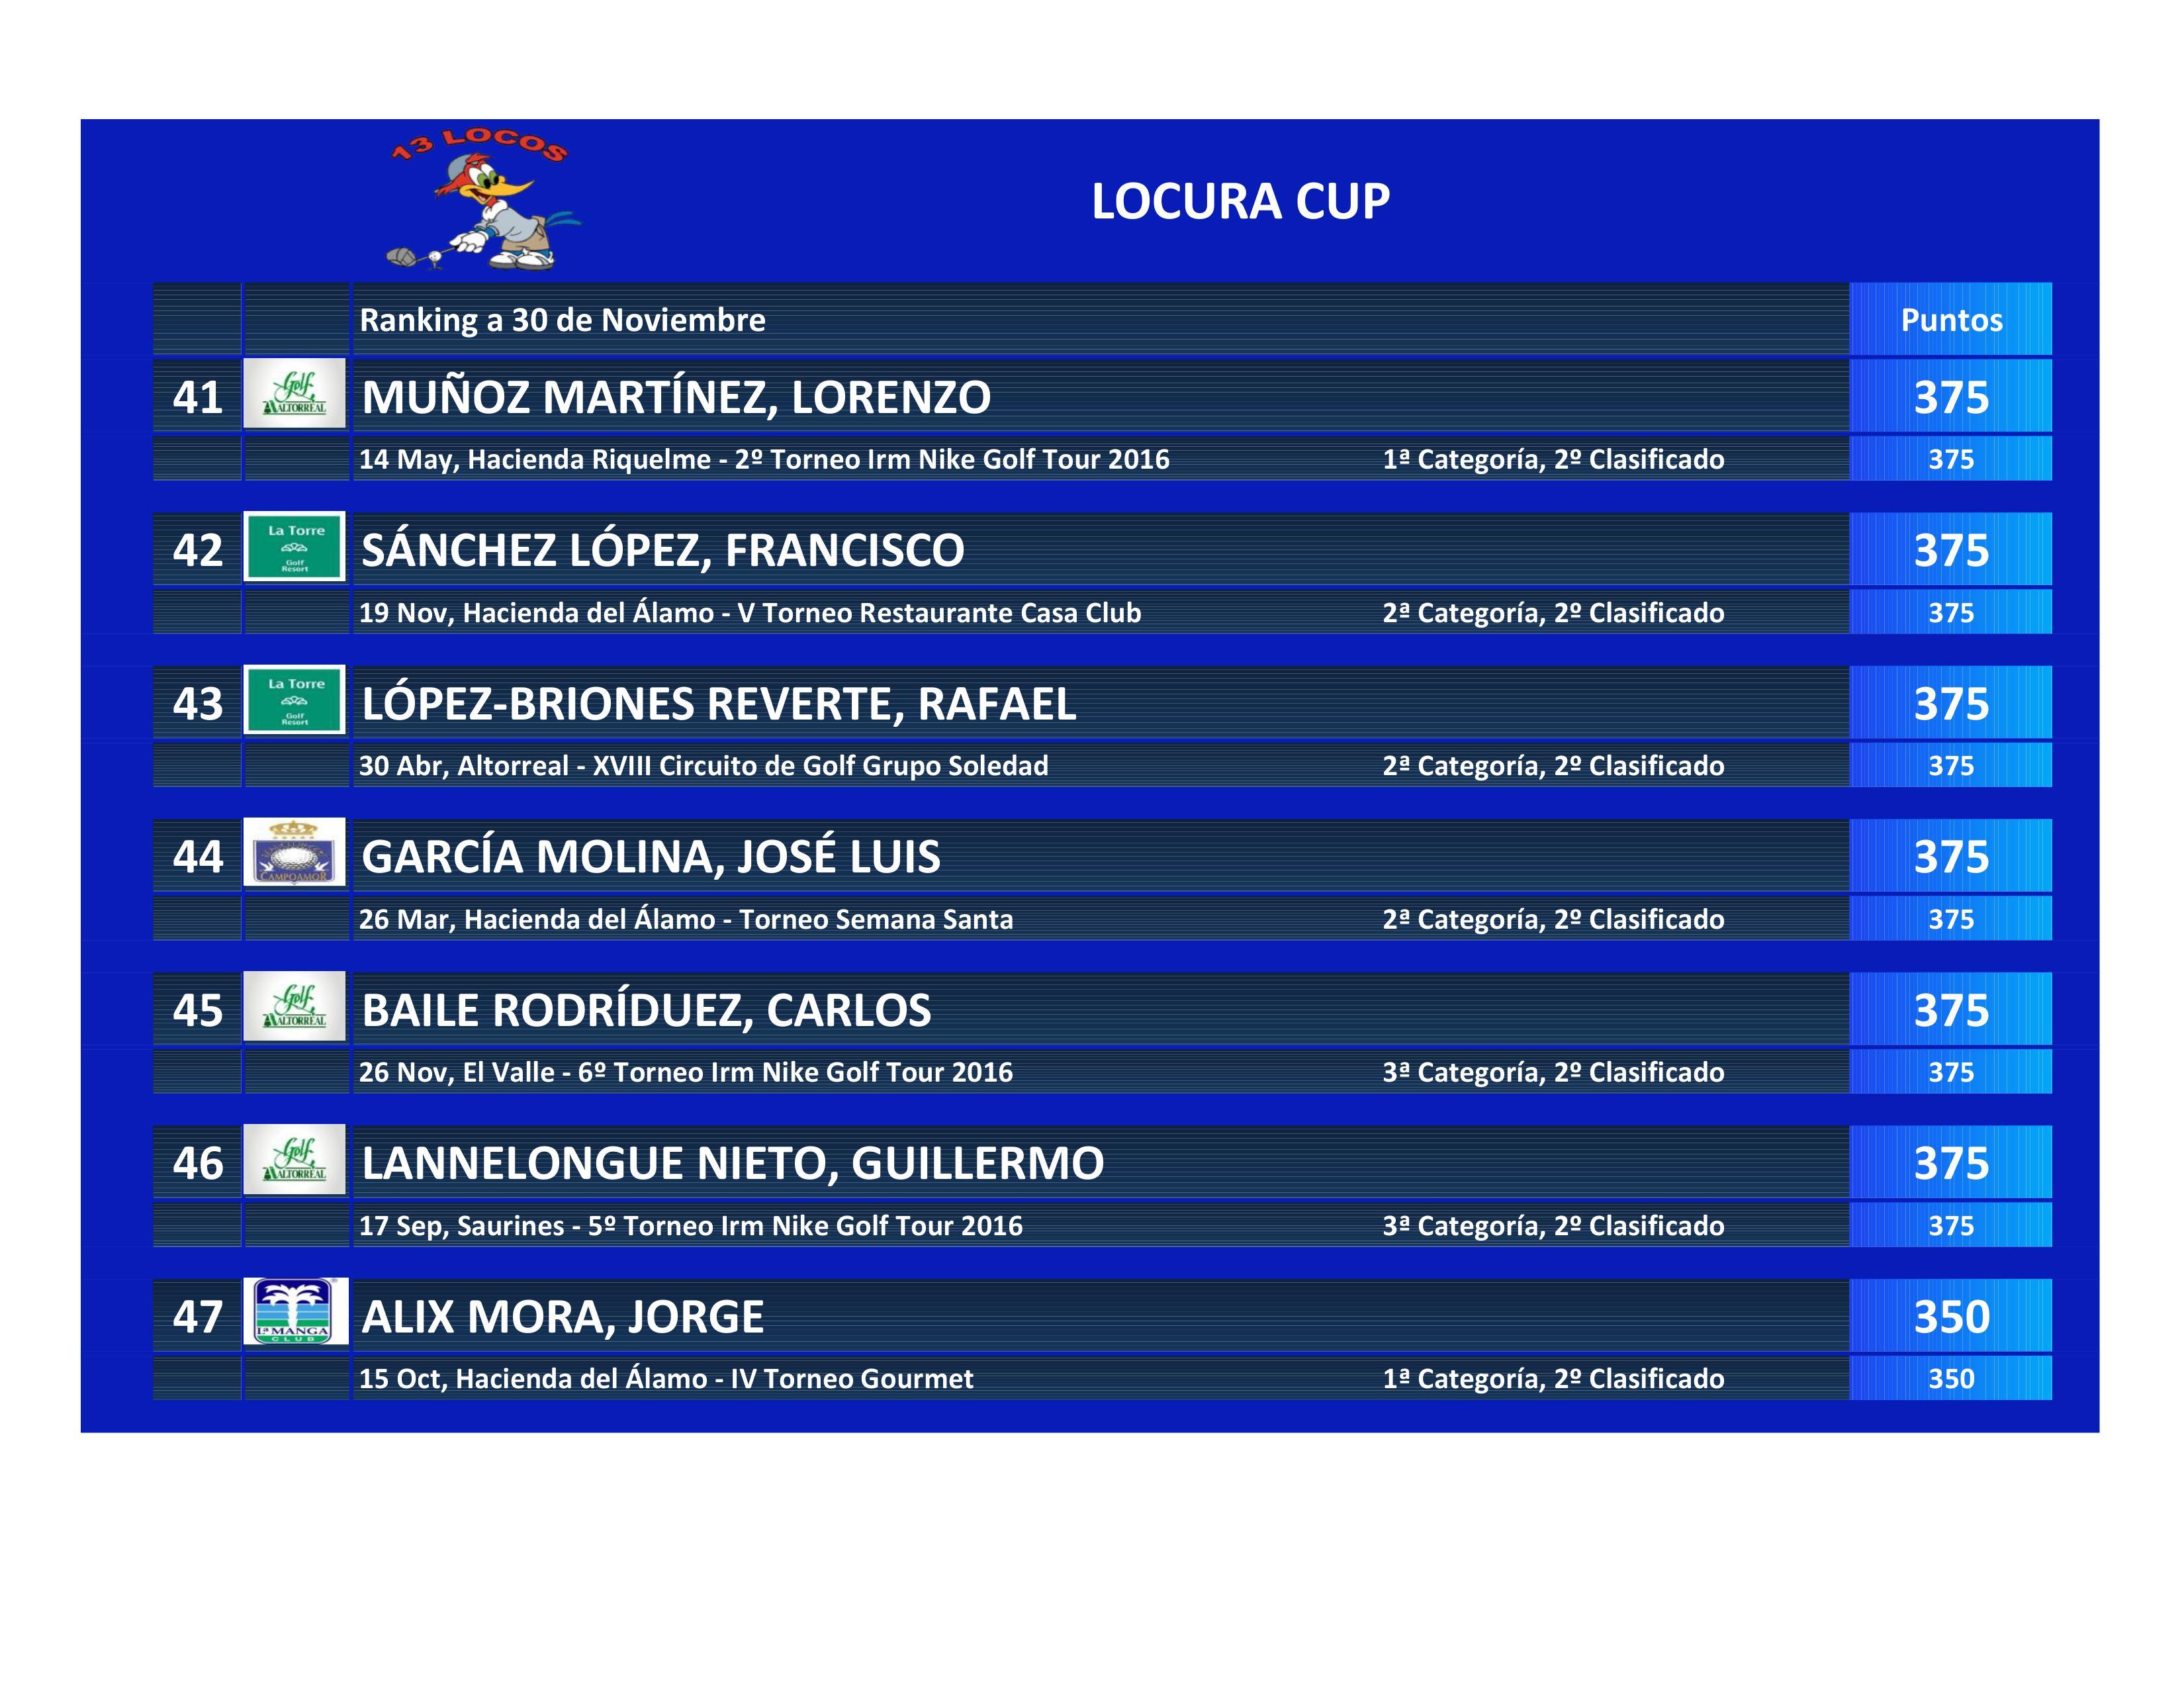 161130 Clasificación La Locura Cup (10)